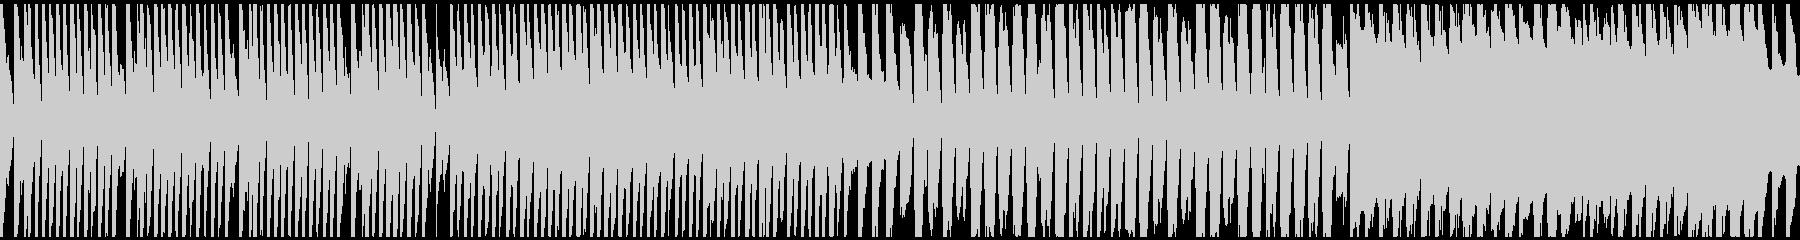 マリンバとリコーダーによる朗らかなループの未再生の波形